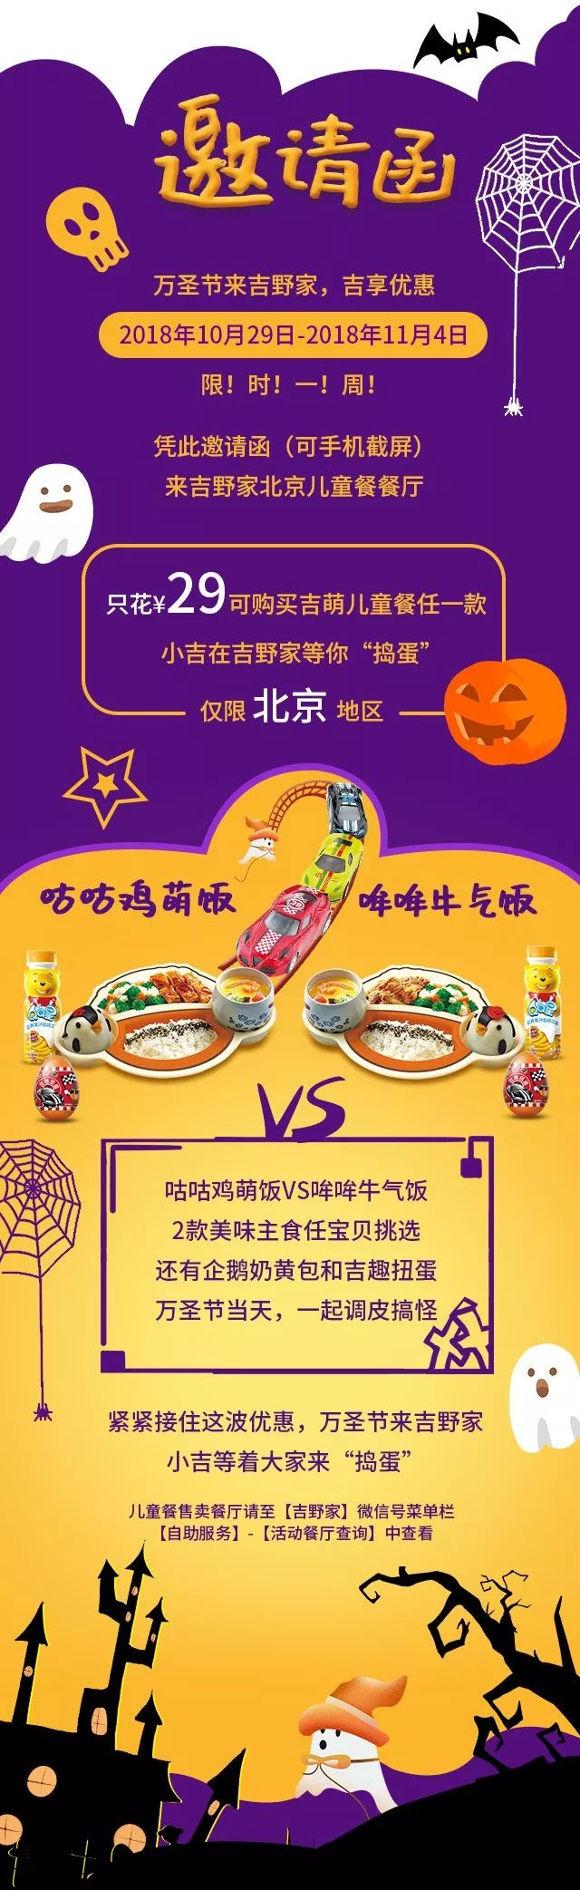 北京吉野家万圣节邀请函,吉萌儿童餐立减6元起 有效期至:2018年11月4日 www.5ikfc.com